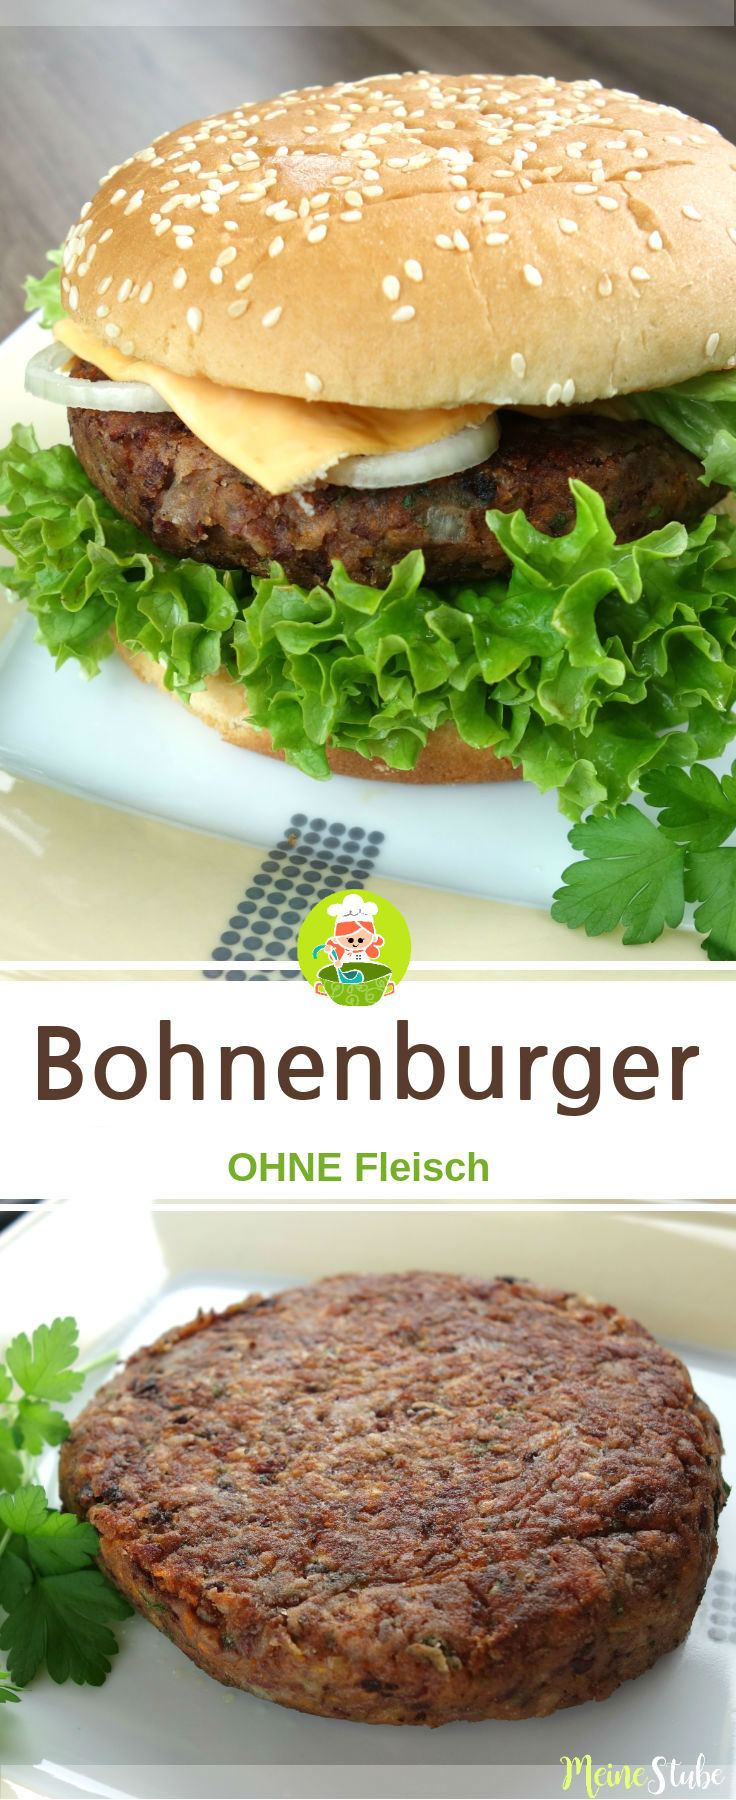 Leckeres Rezept für einen Bohnenburger ohne Fleisch.